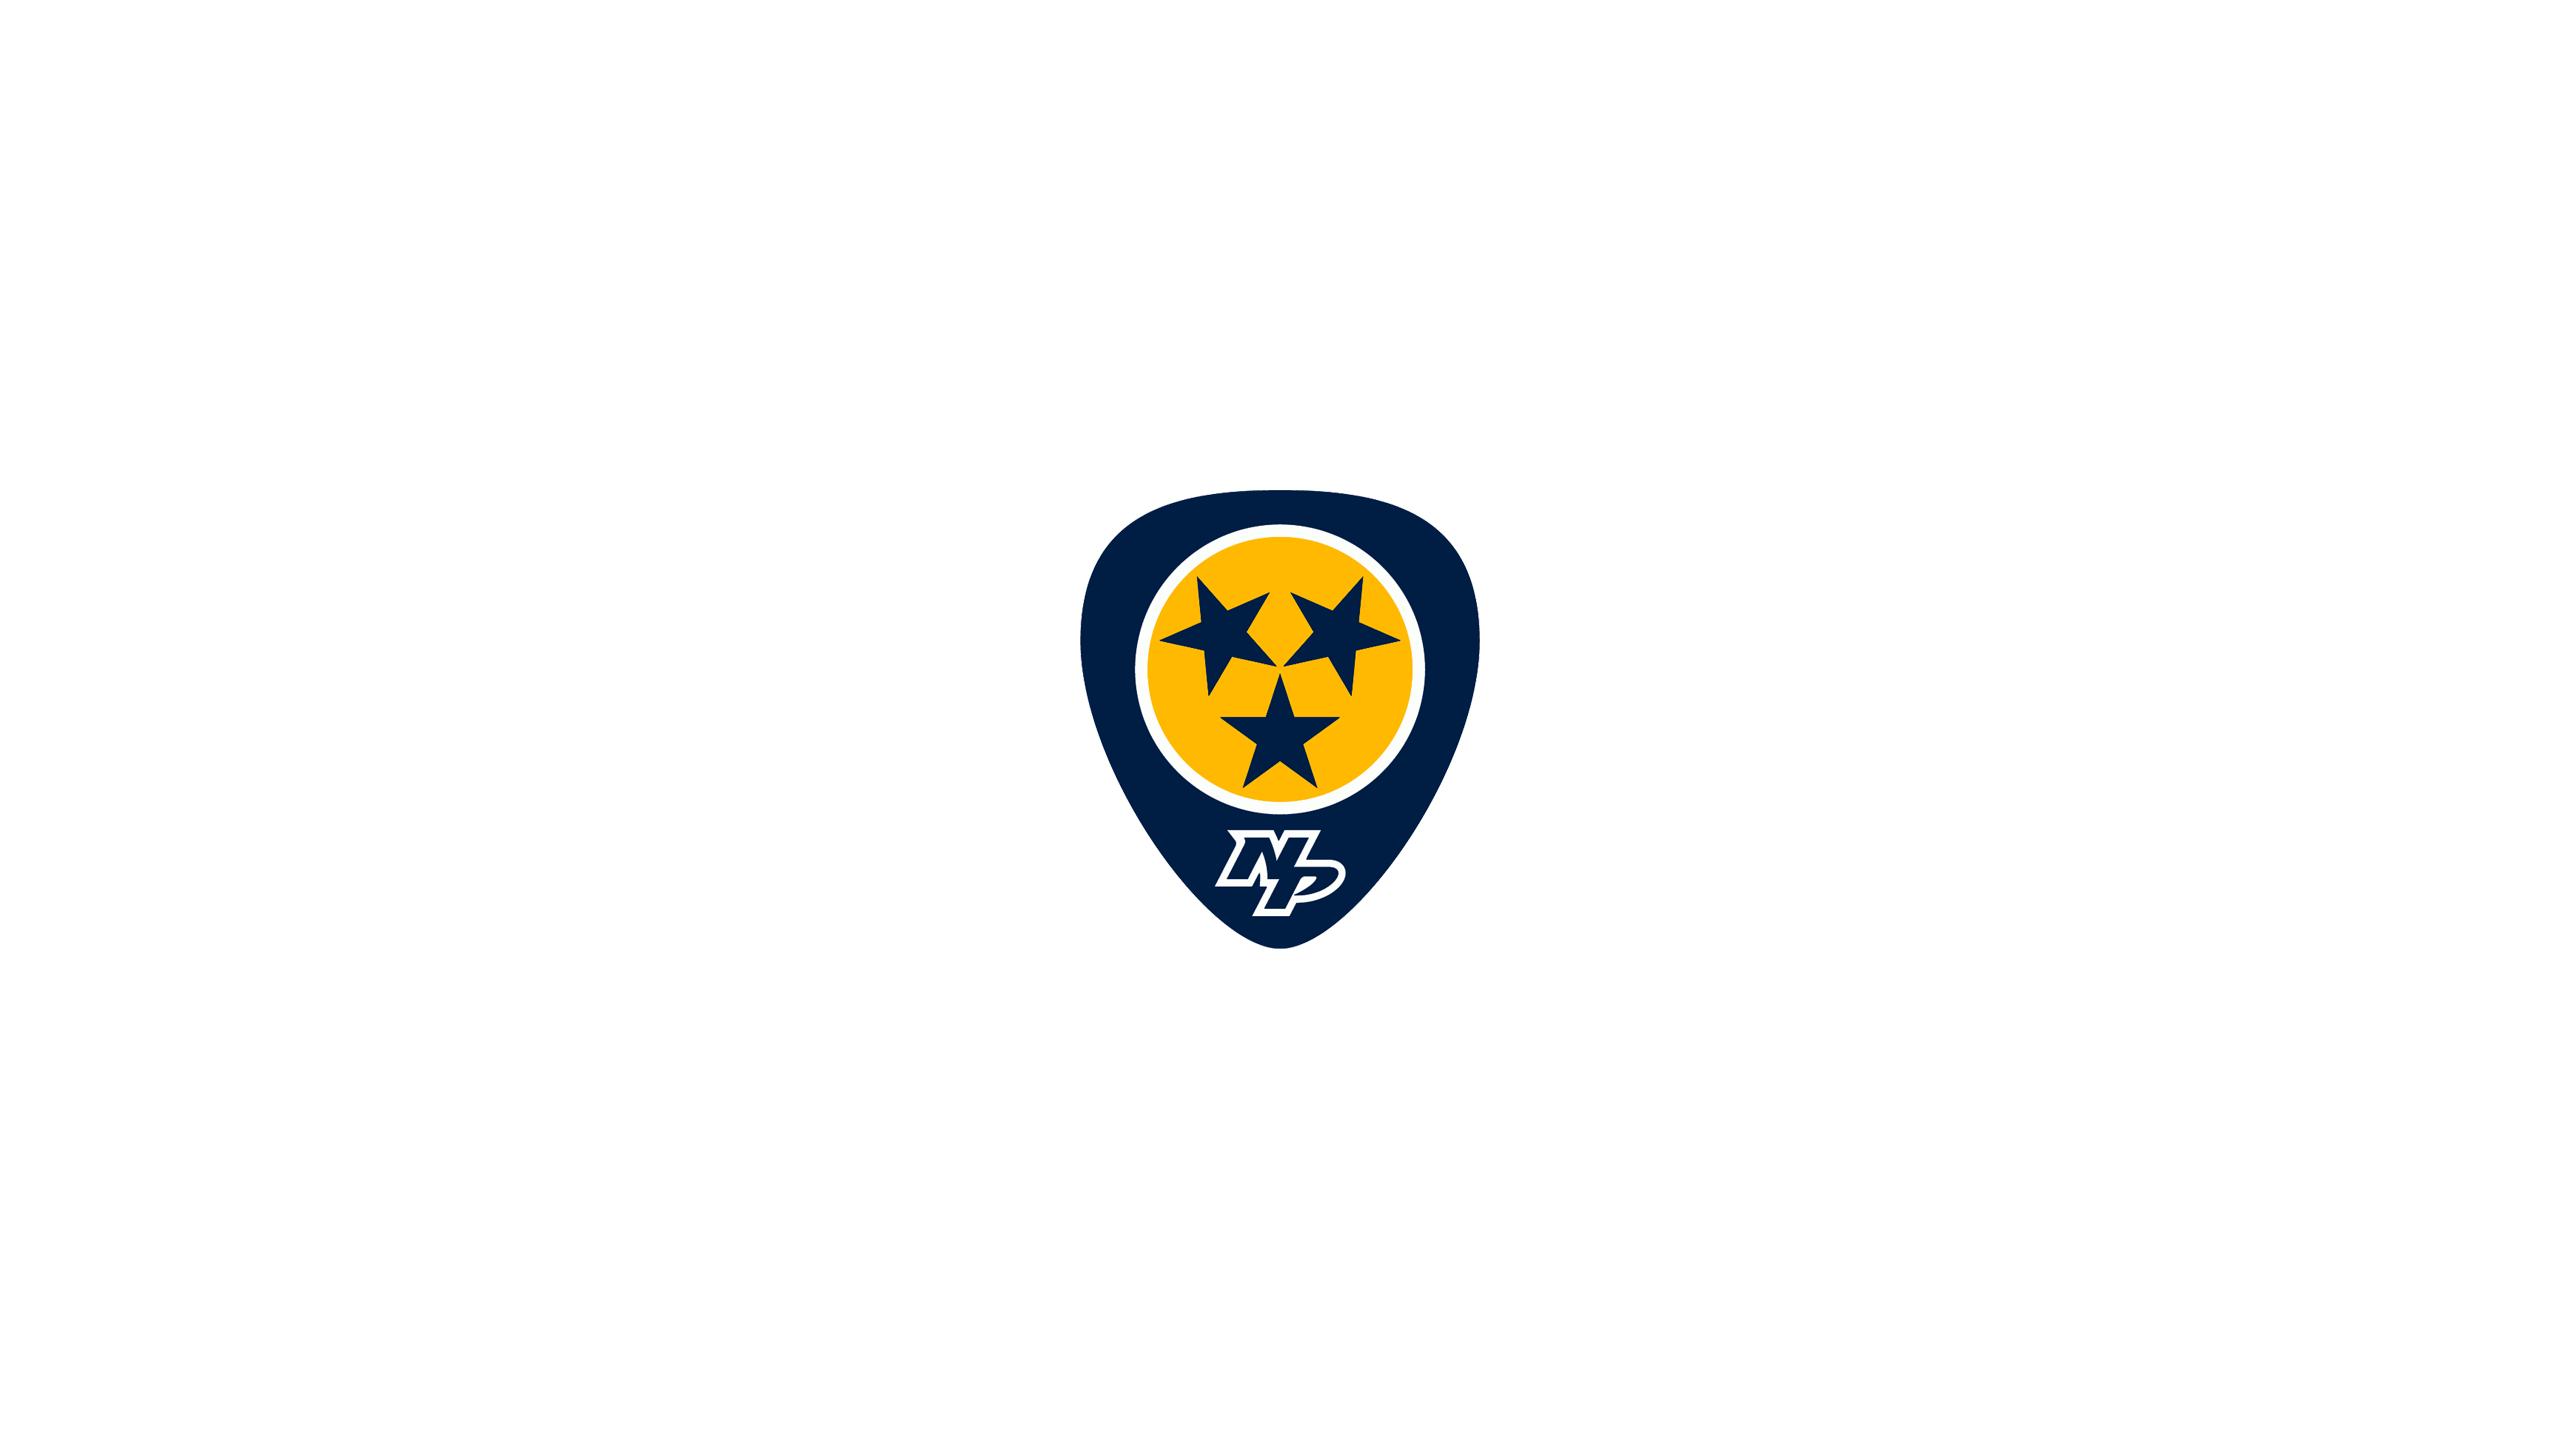 Nashville Predators (Alt Logo)